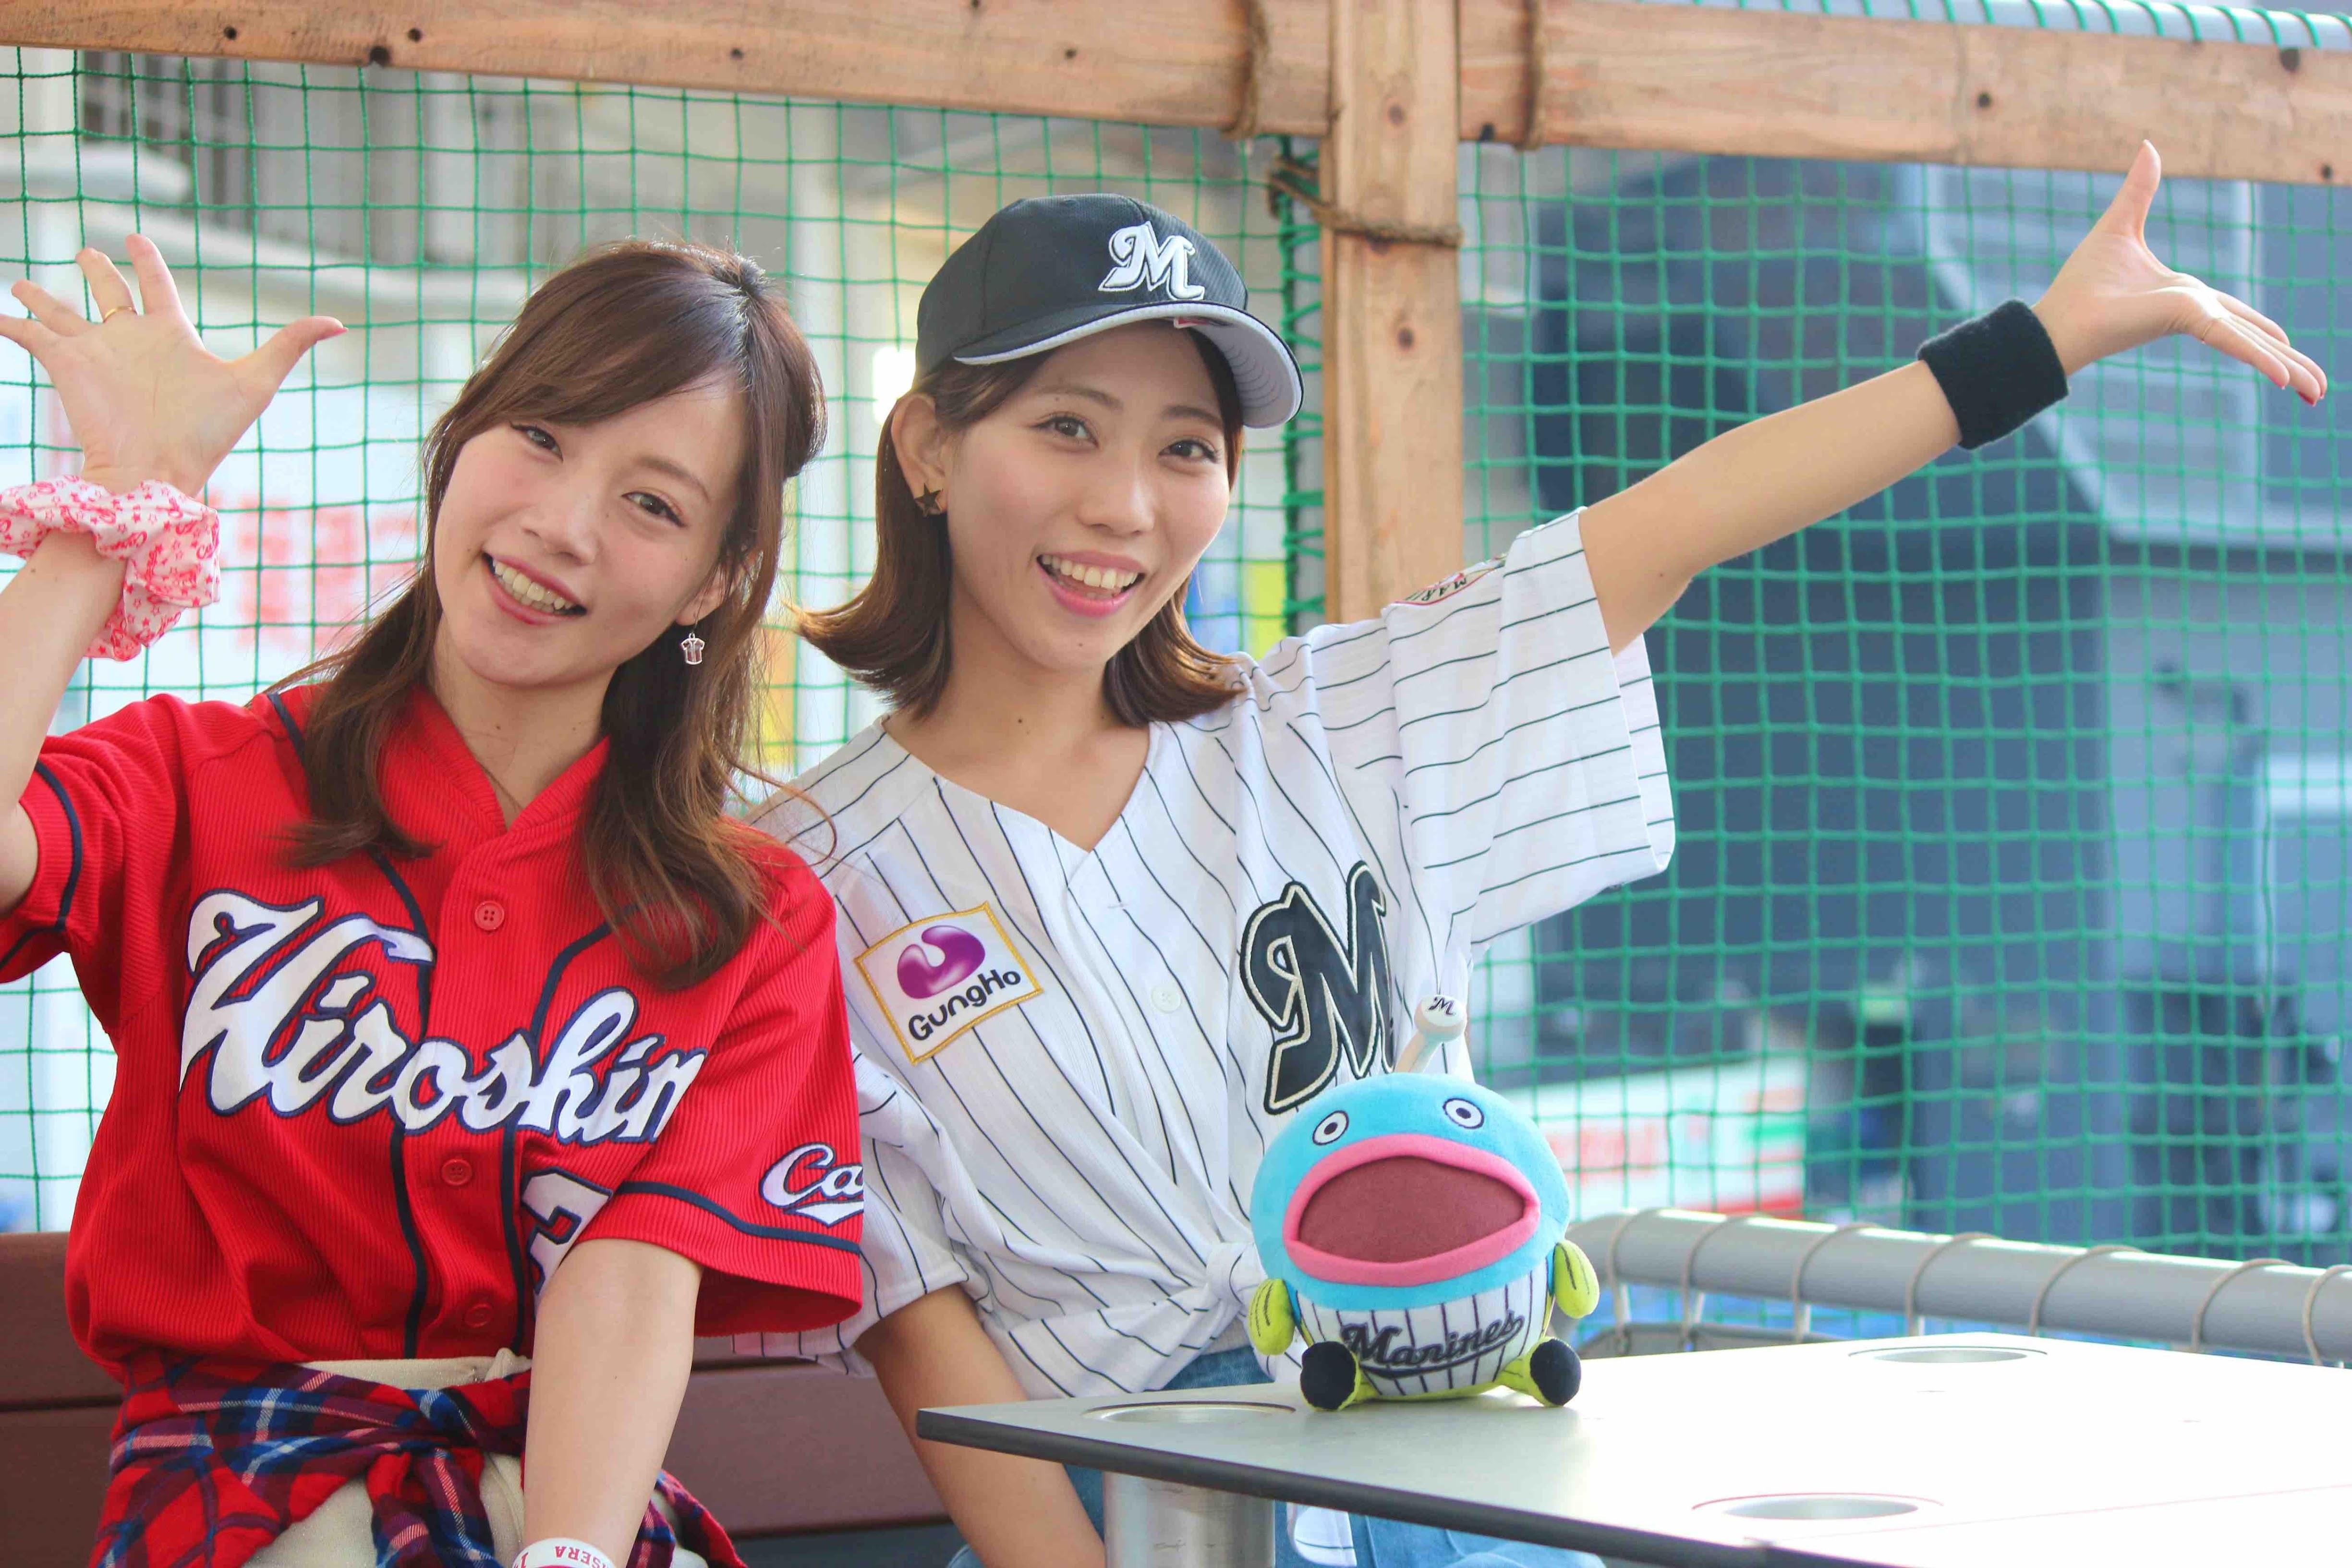 カープ女子の古田ちさこ(左)、マリーンズファンの千葉えりか(右)がゲストとして「バーベキューパーティー」を盛り上げる